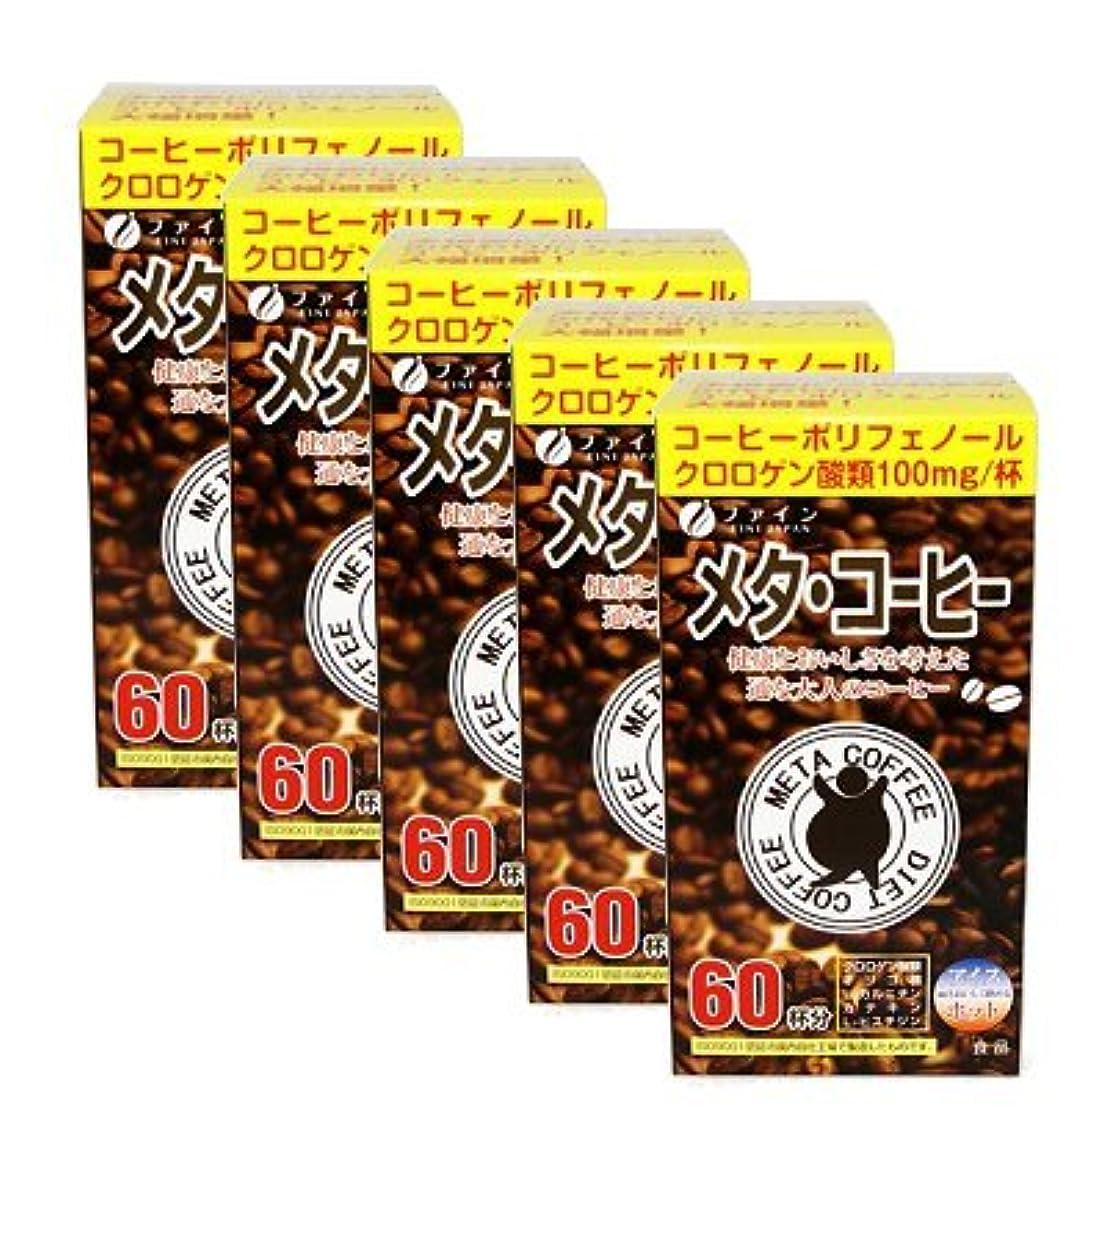 浅い便利さと遊ぶファイン 美味しいメタ?コーヒー Slim&Diet(スリム&ダイエット) 60包 (#456835)